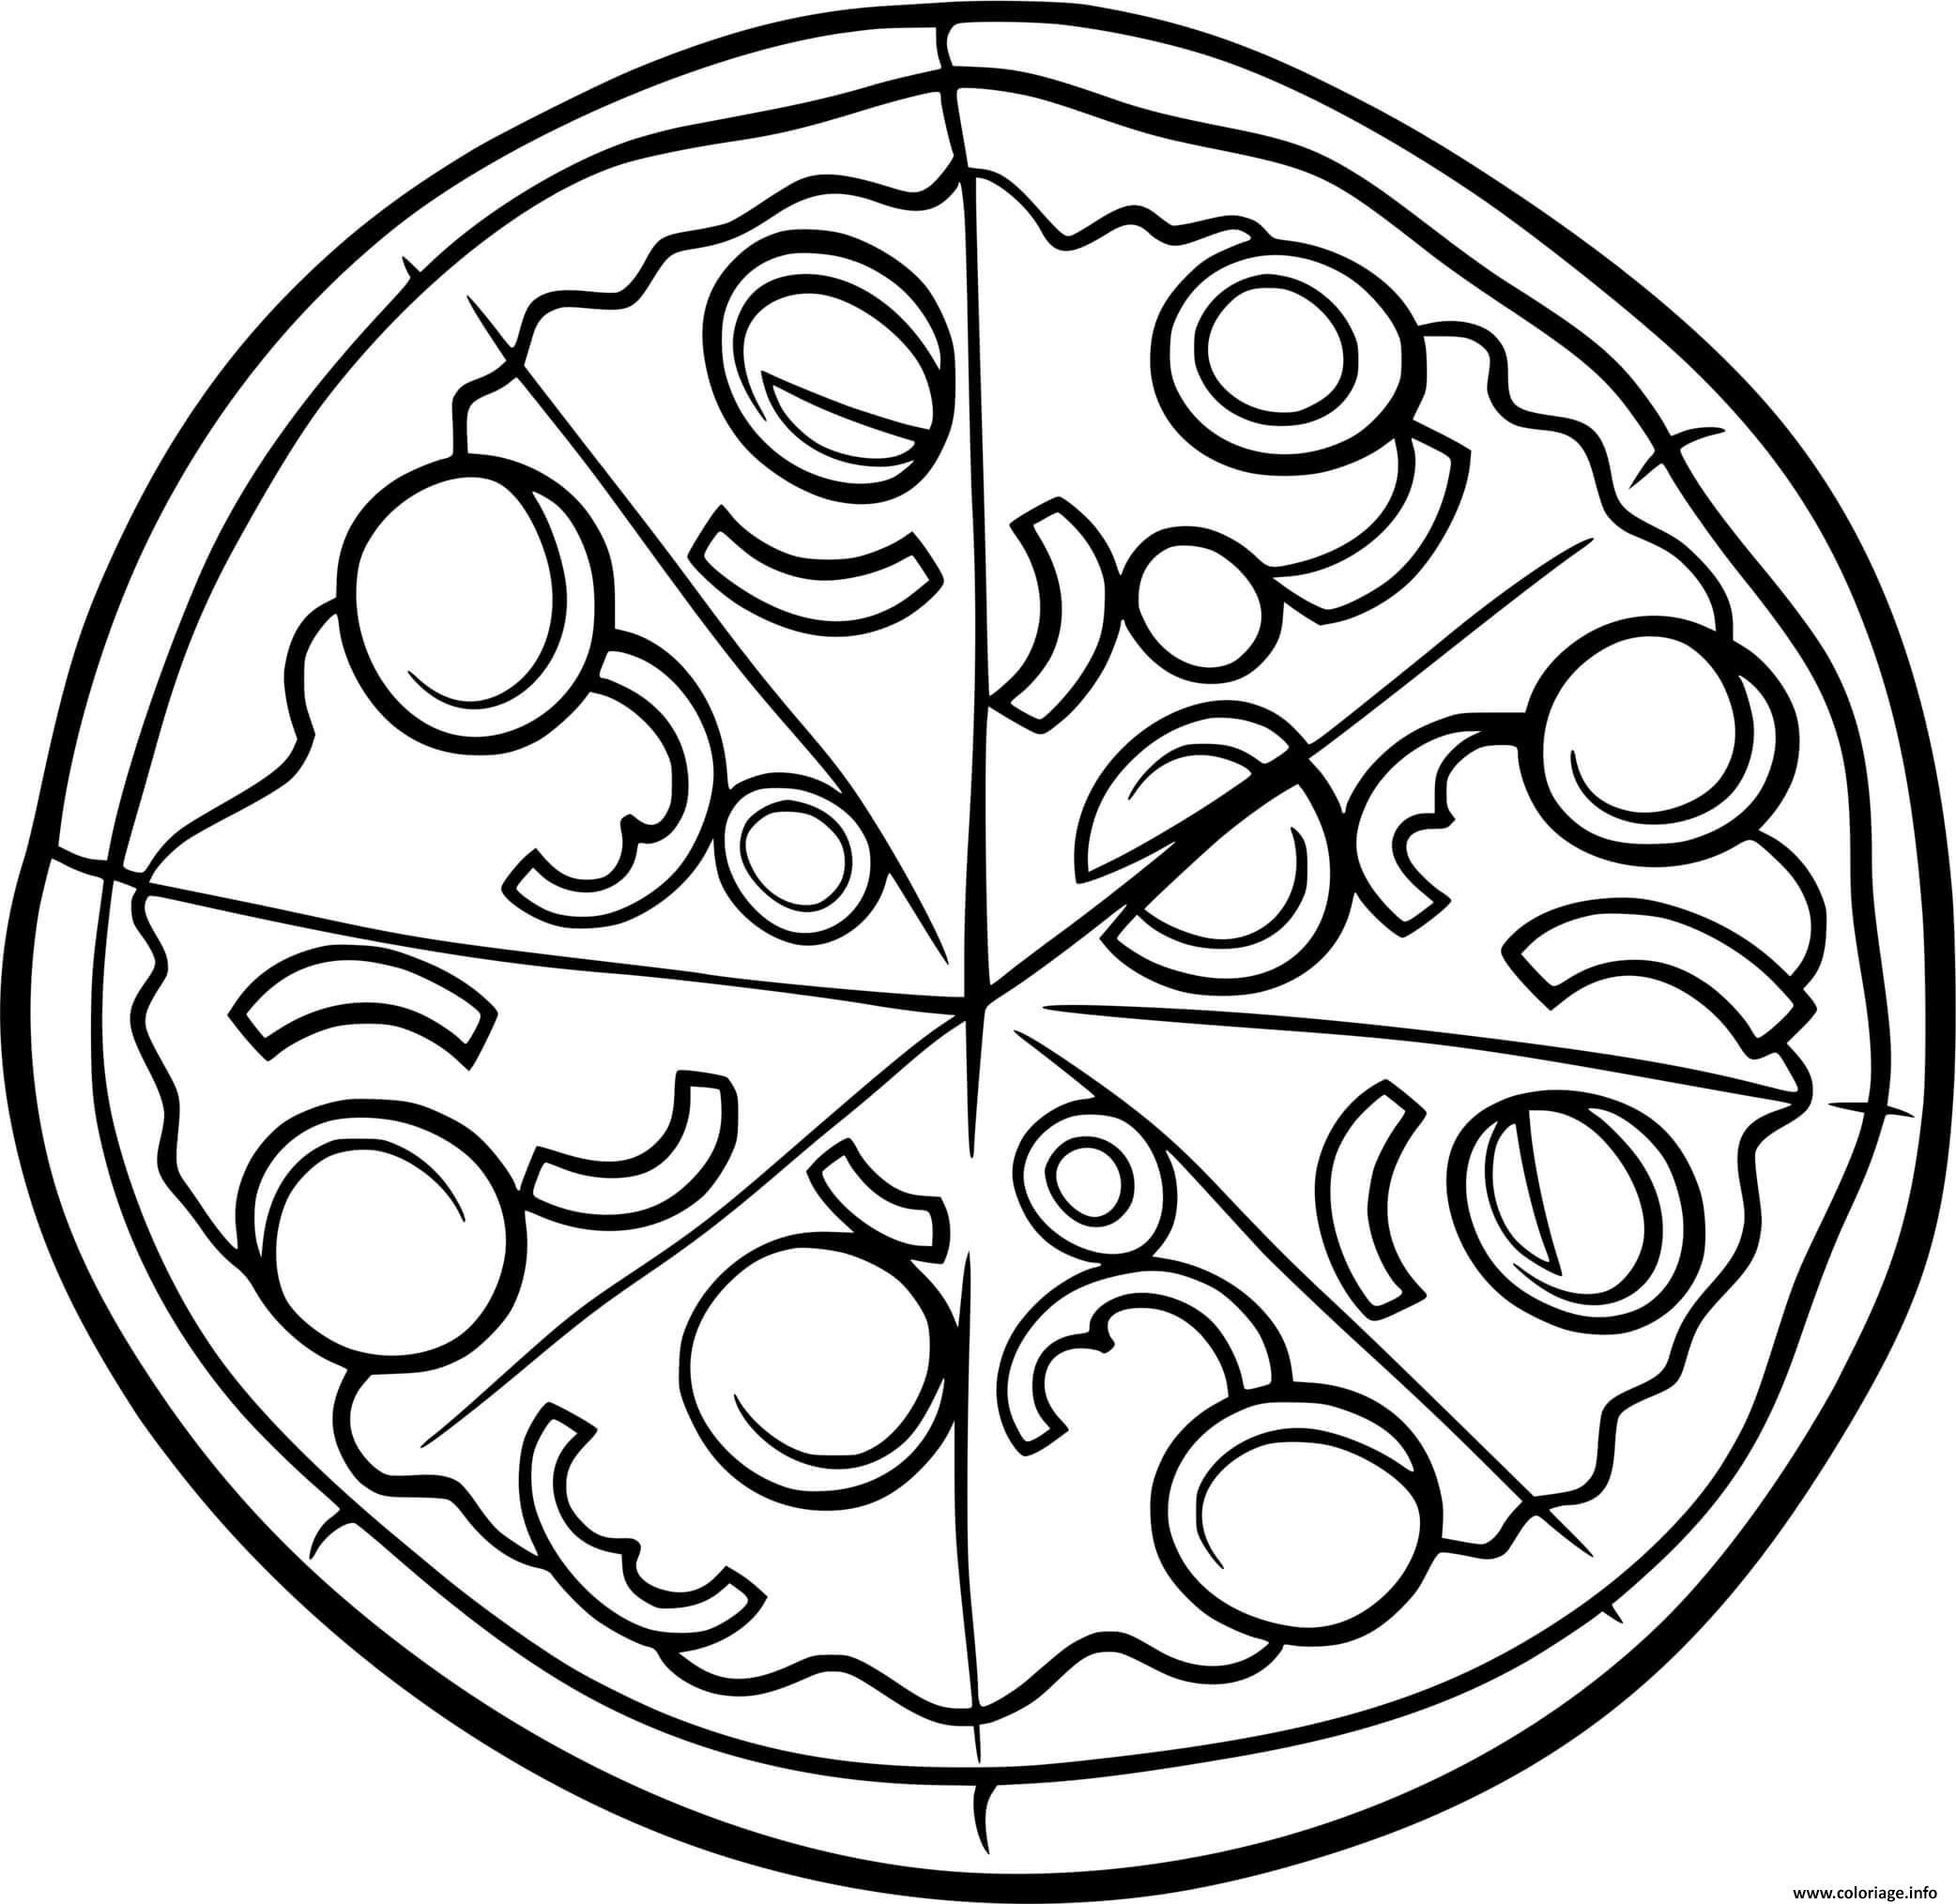 Dessin pizza artisan de la californie Coloriage Gratuit à Imprimer